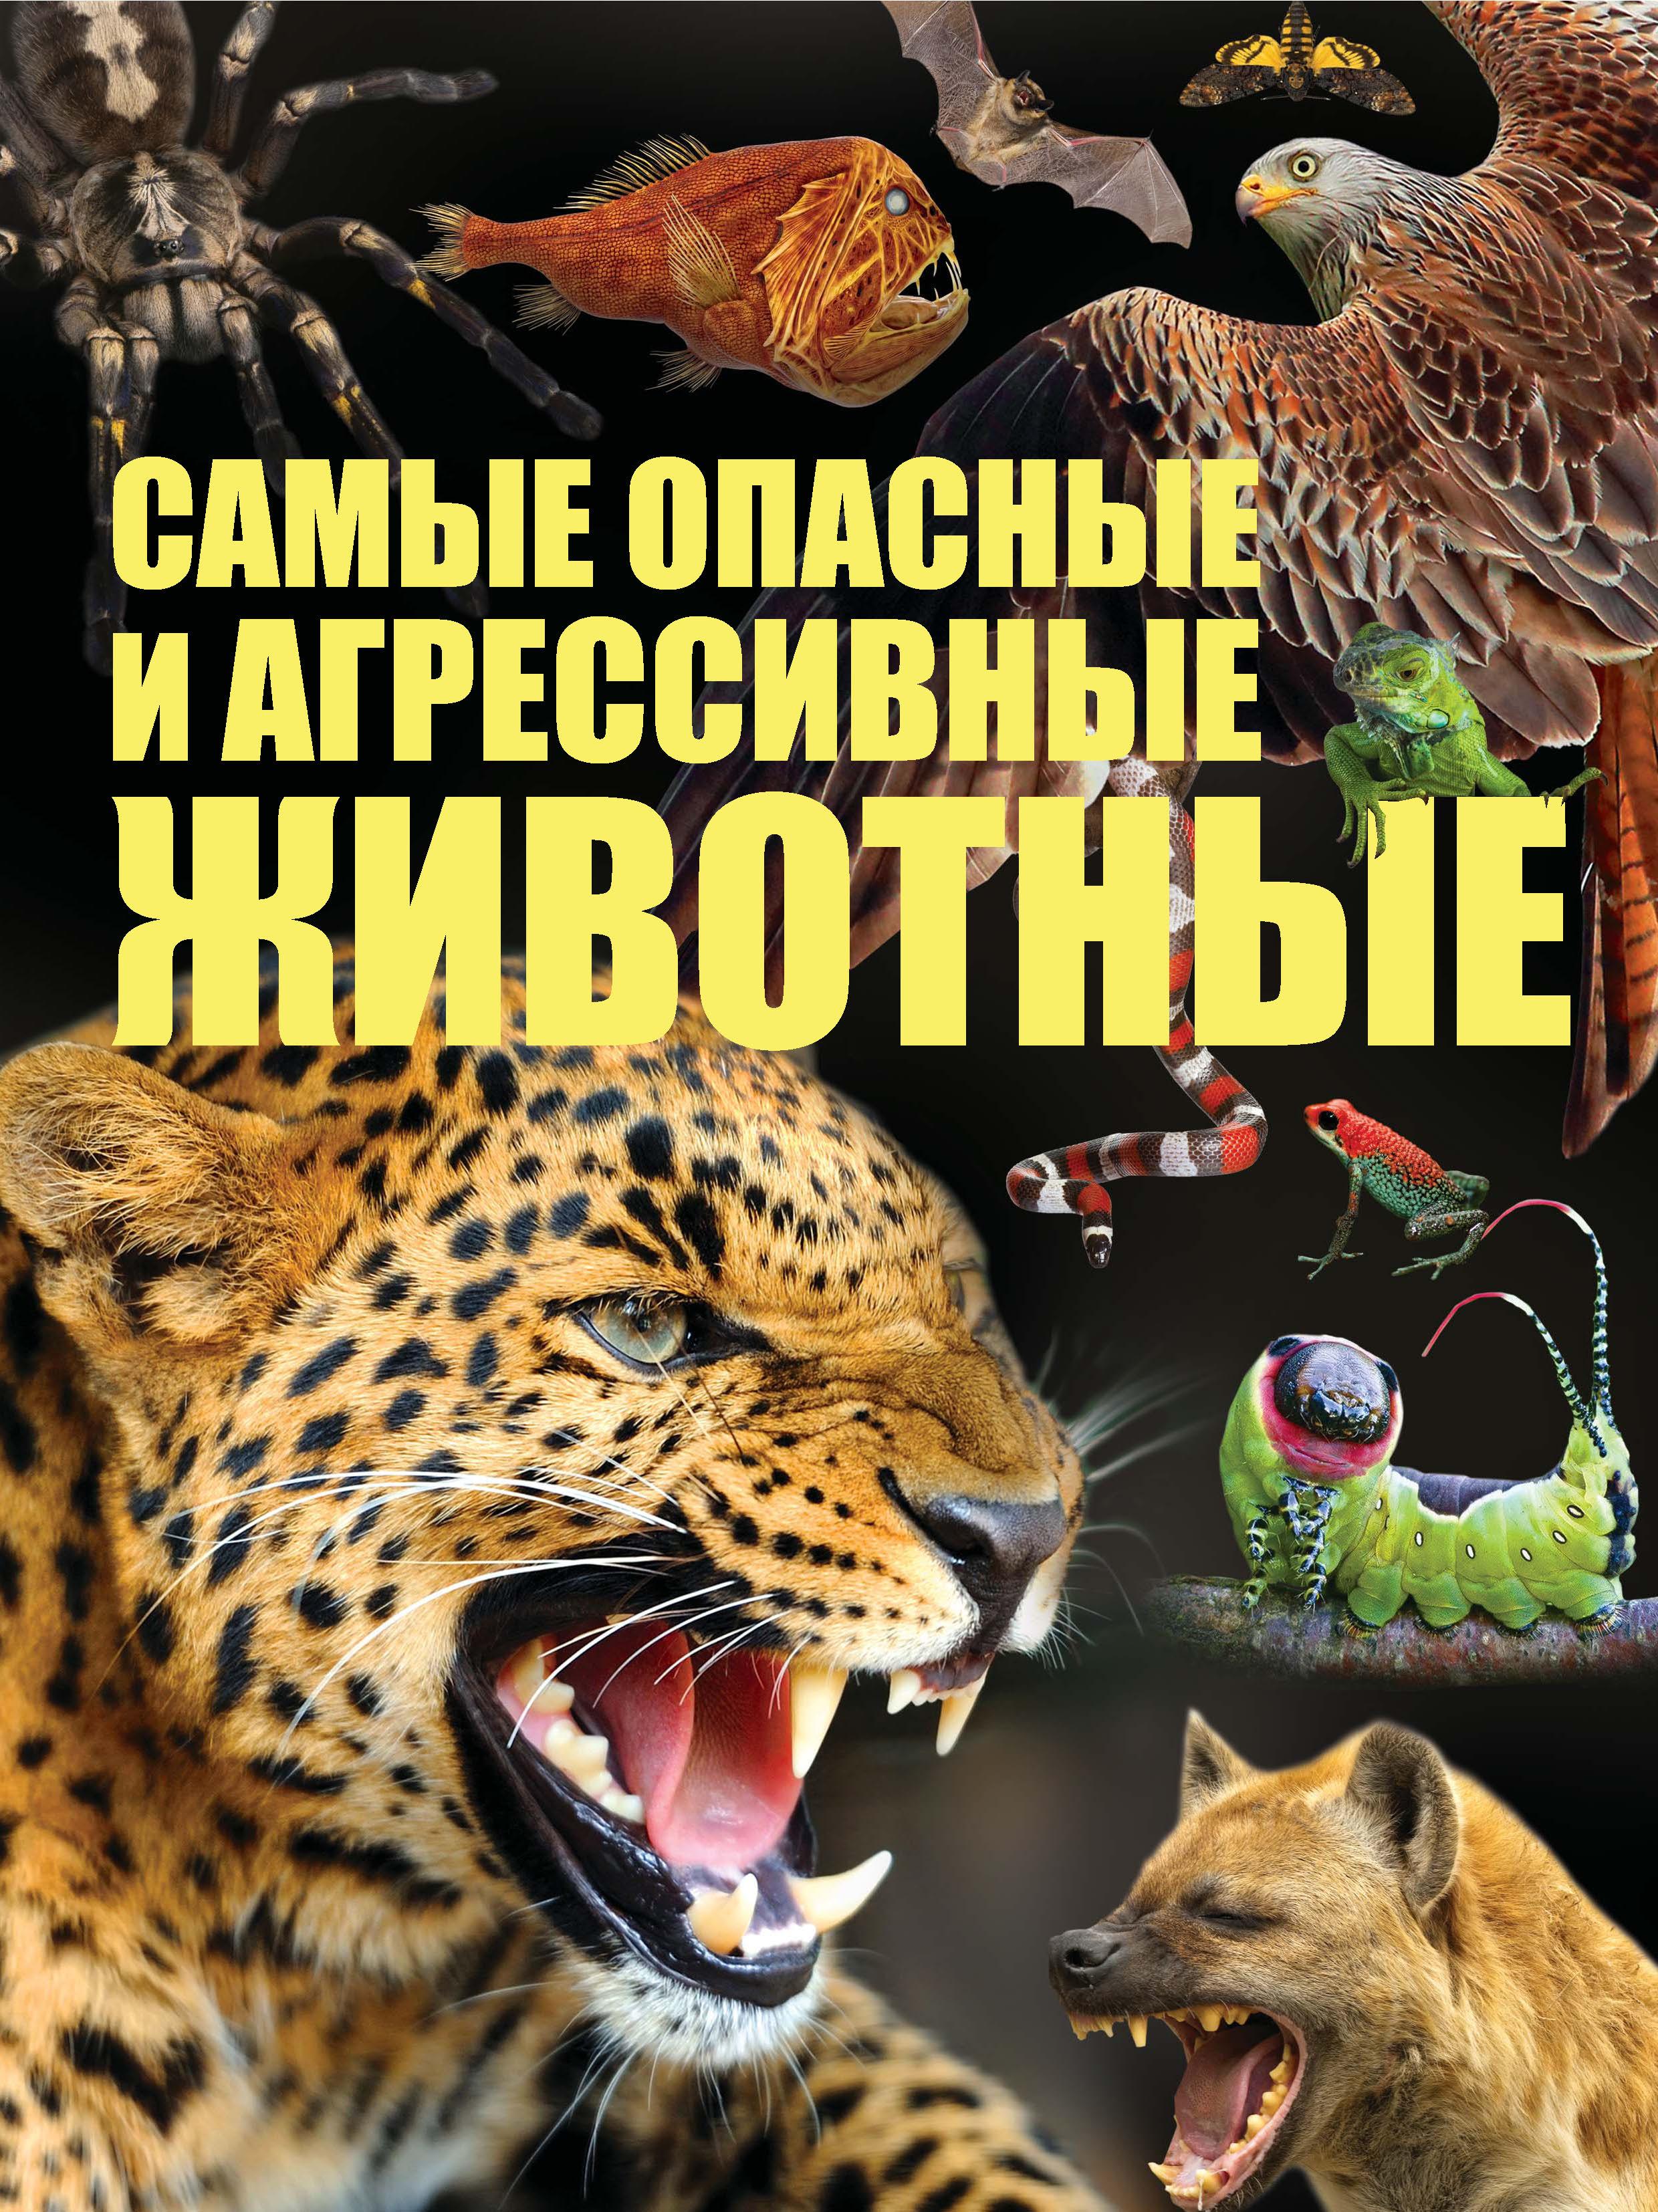 Сергей Цеханский Cамые опасные и агрессивные животные сергей цеханский большая книга почему